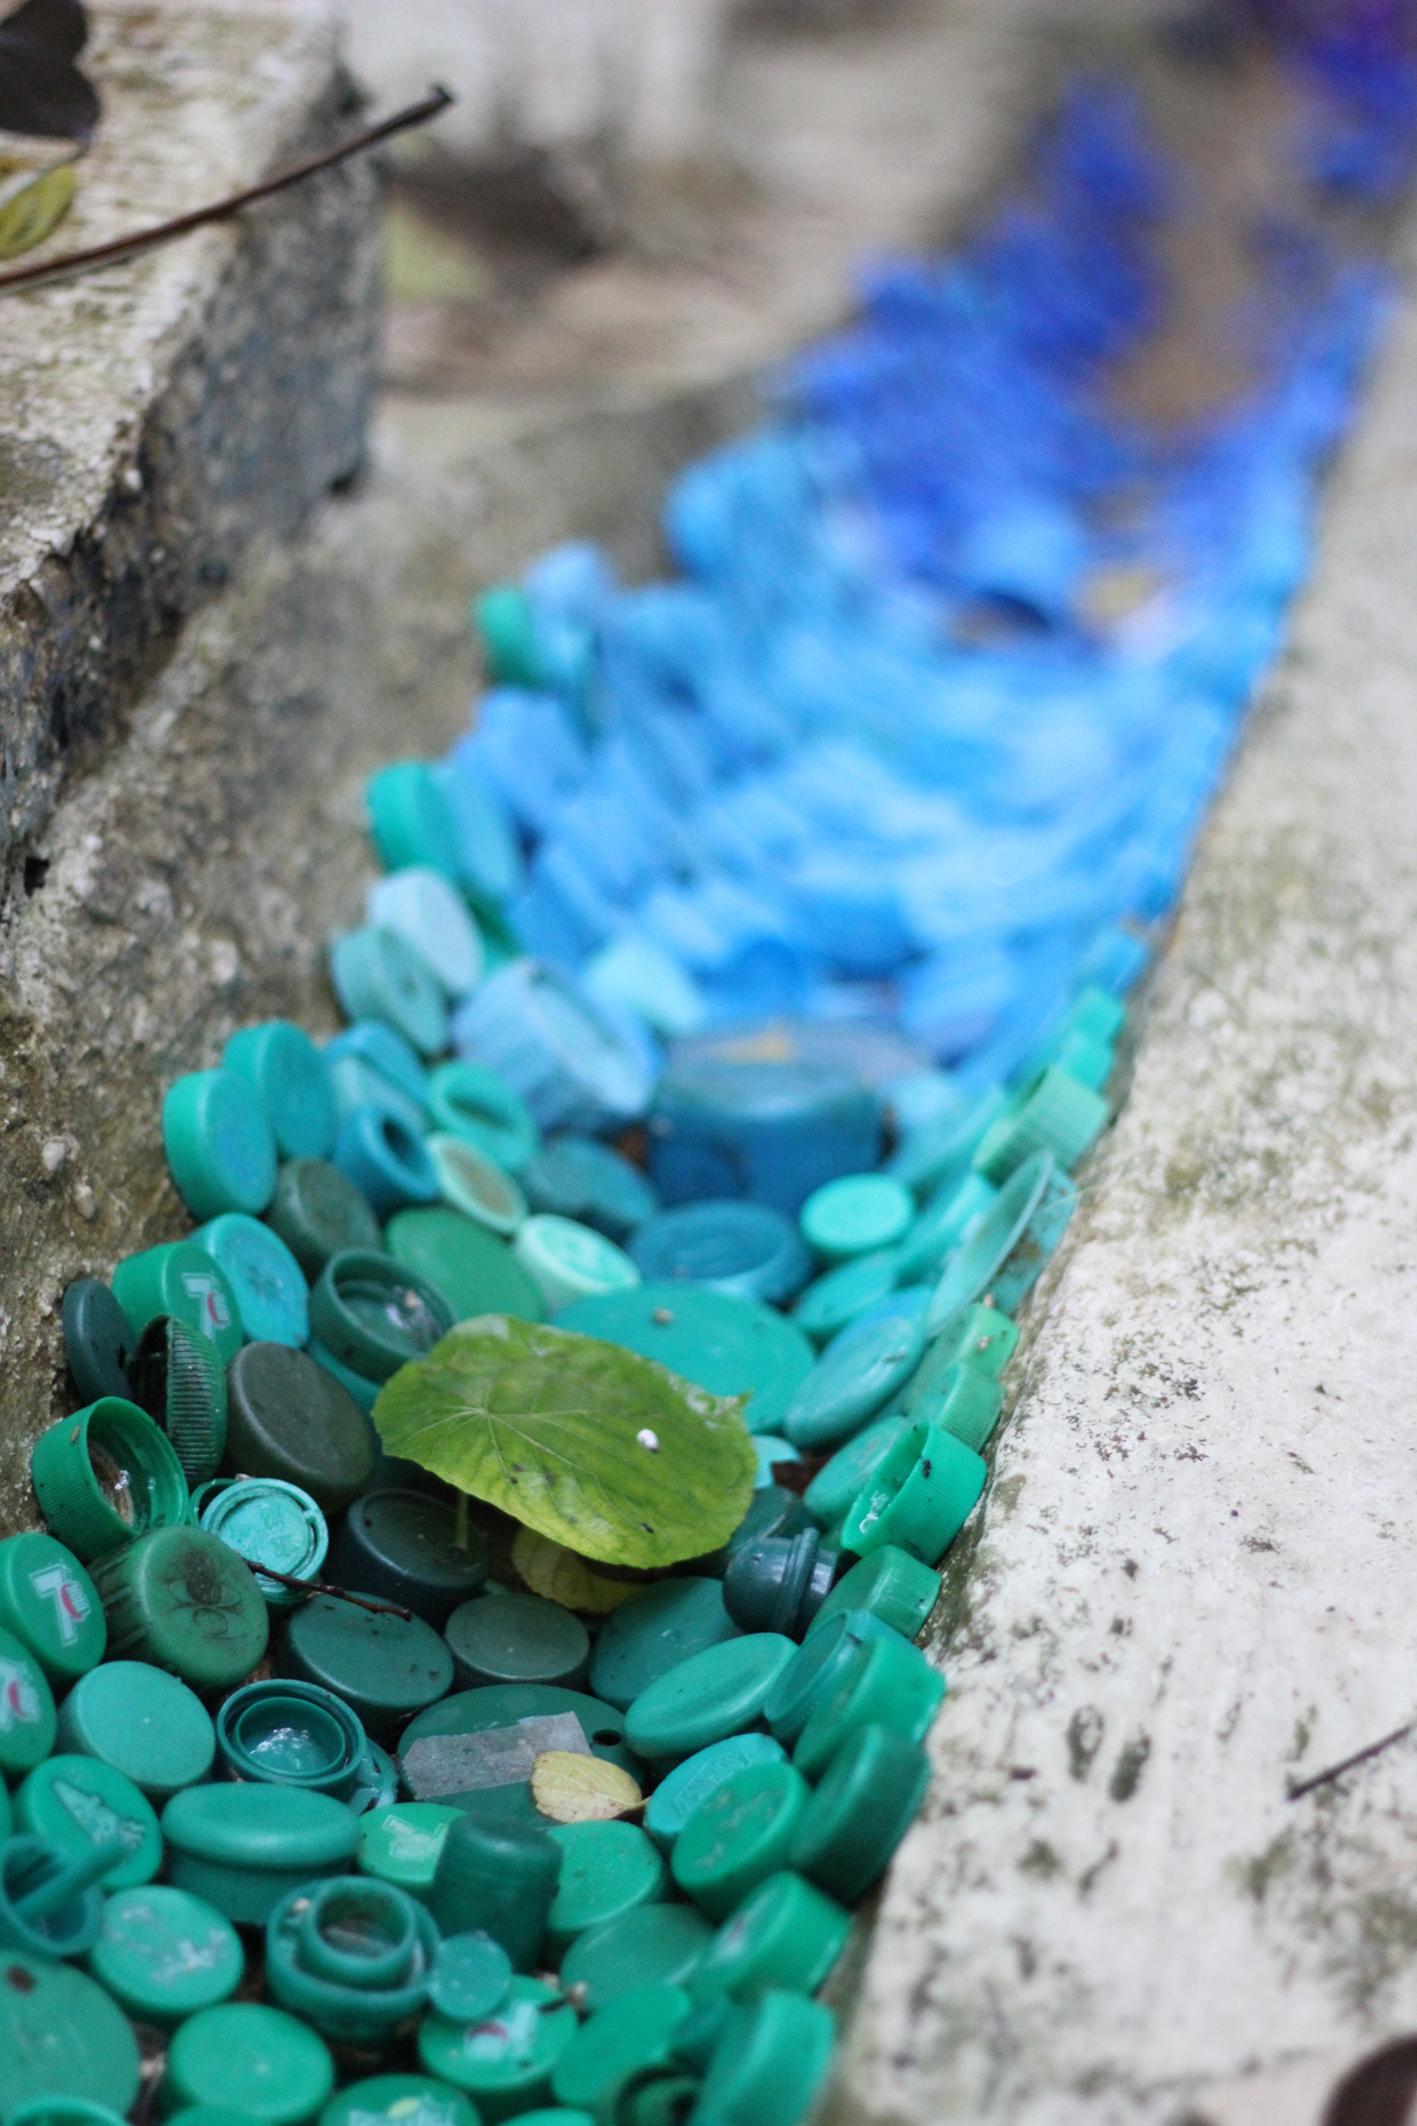 liina-kauss-bottle caps